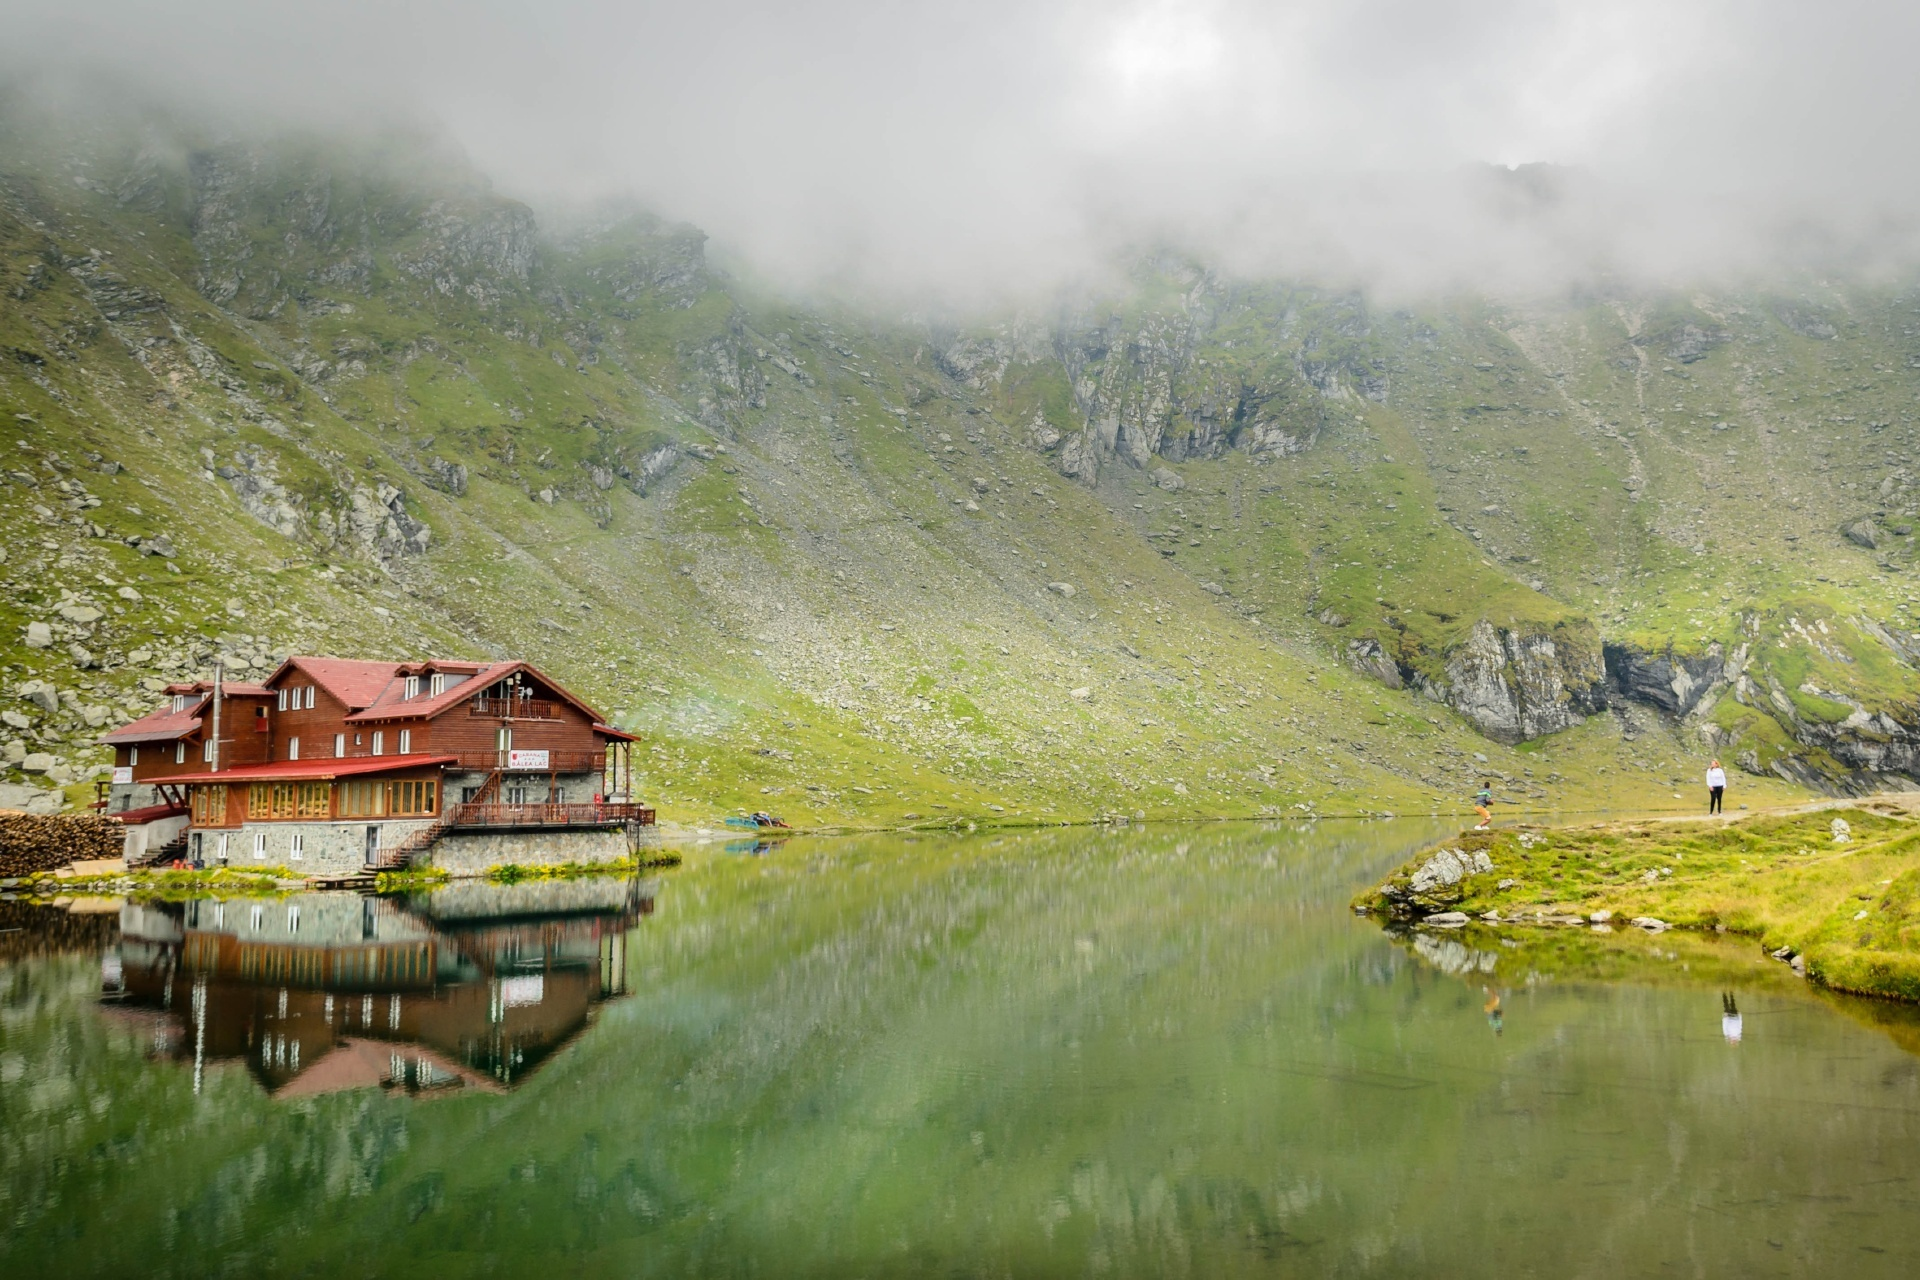 ブレア湖の風景 ルーマニアの風景